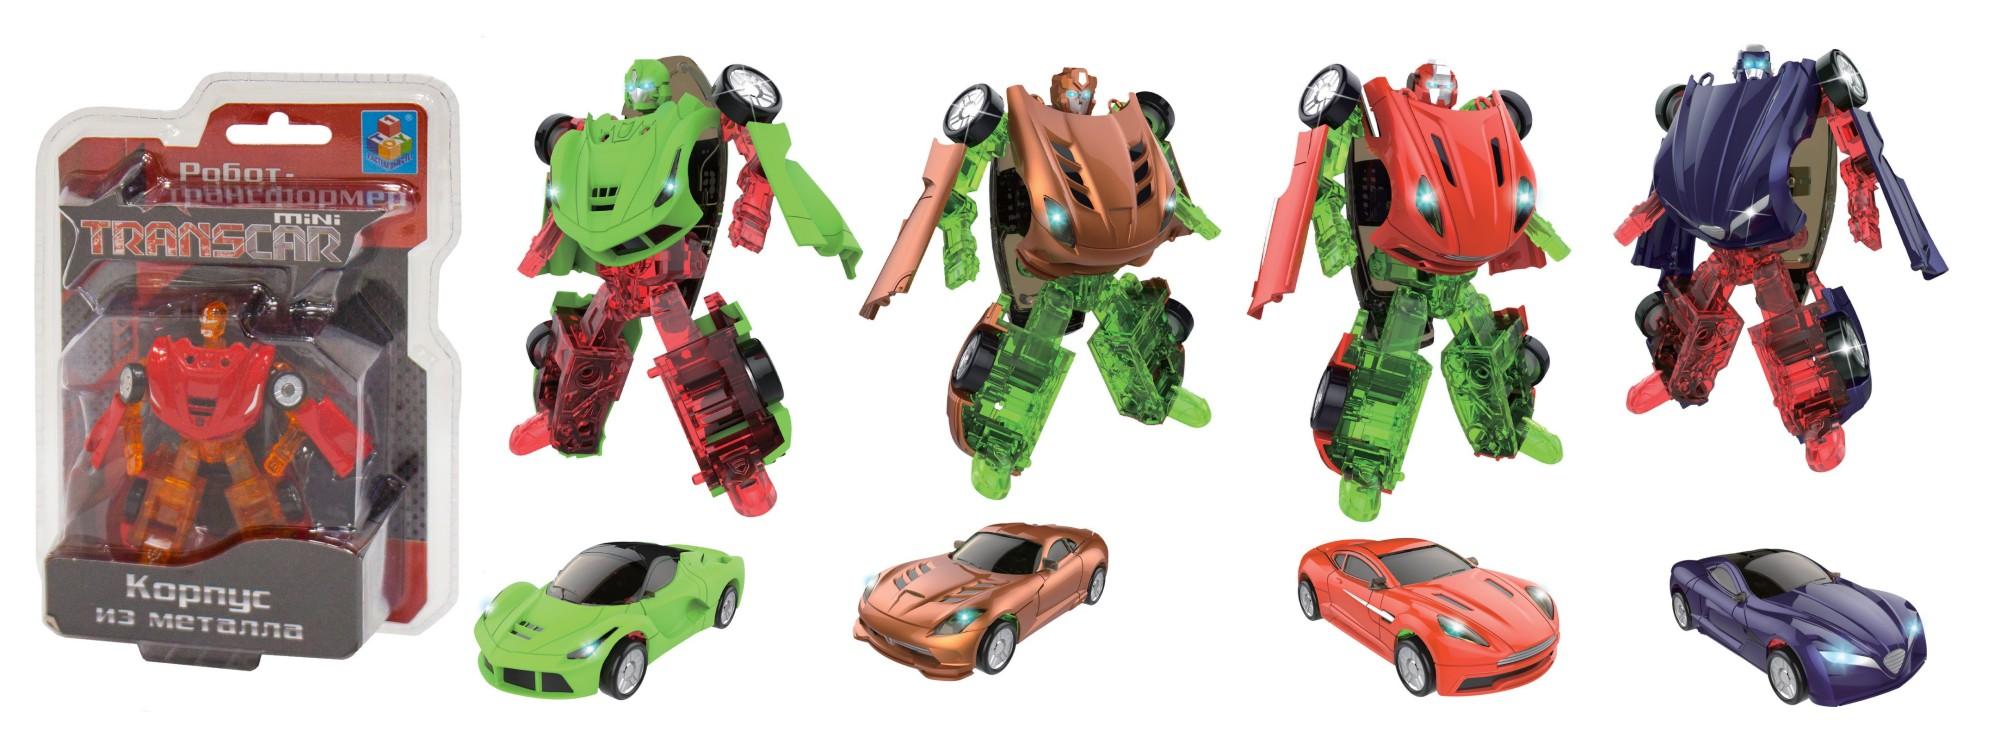 робот-трансформер 1TOY